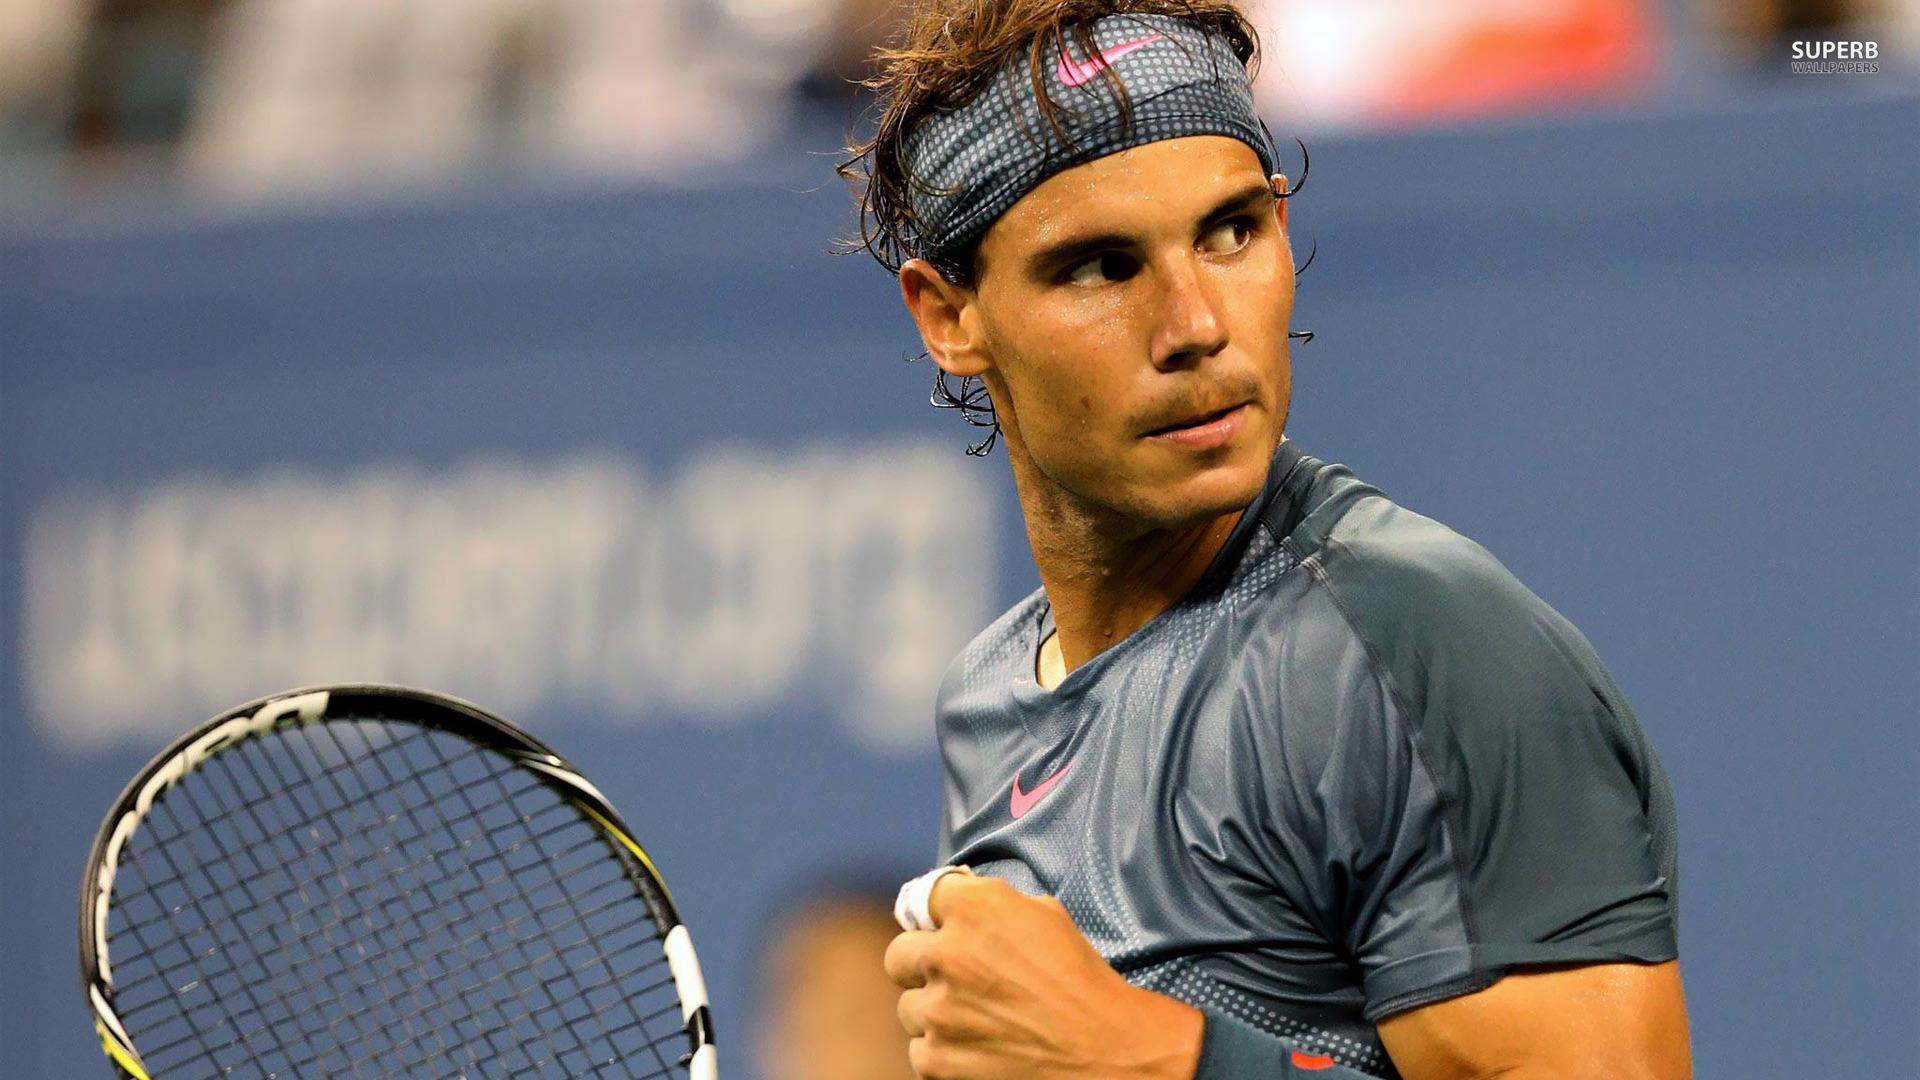 Rafael Nadal wallpaper 1920x1080